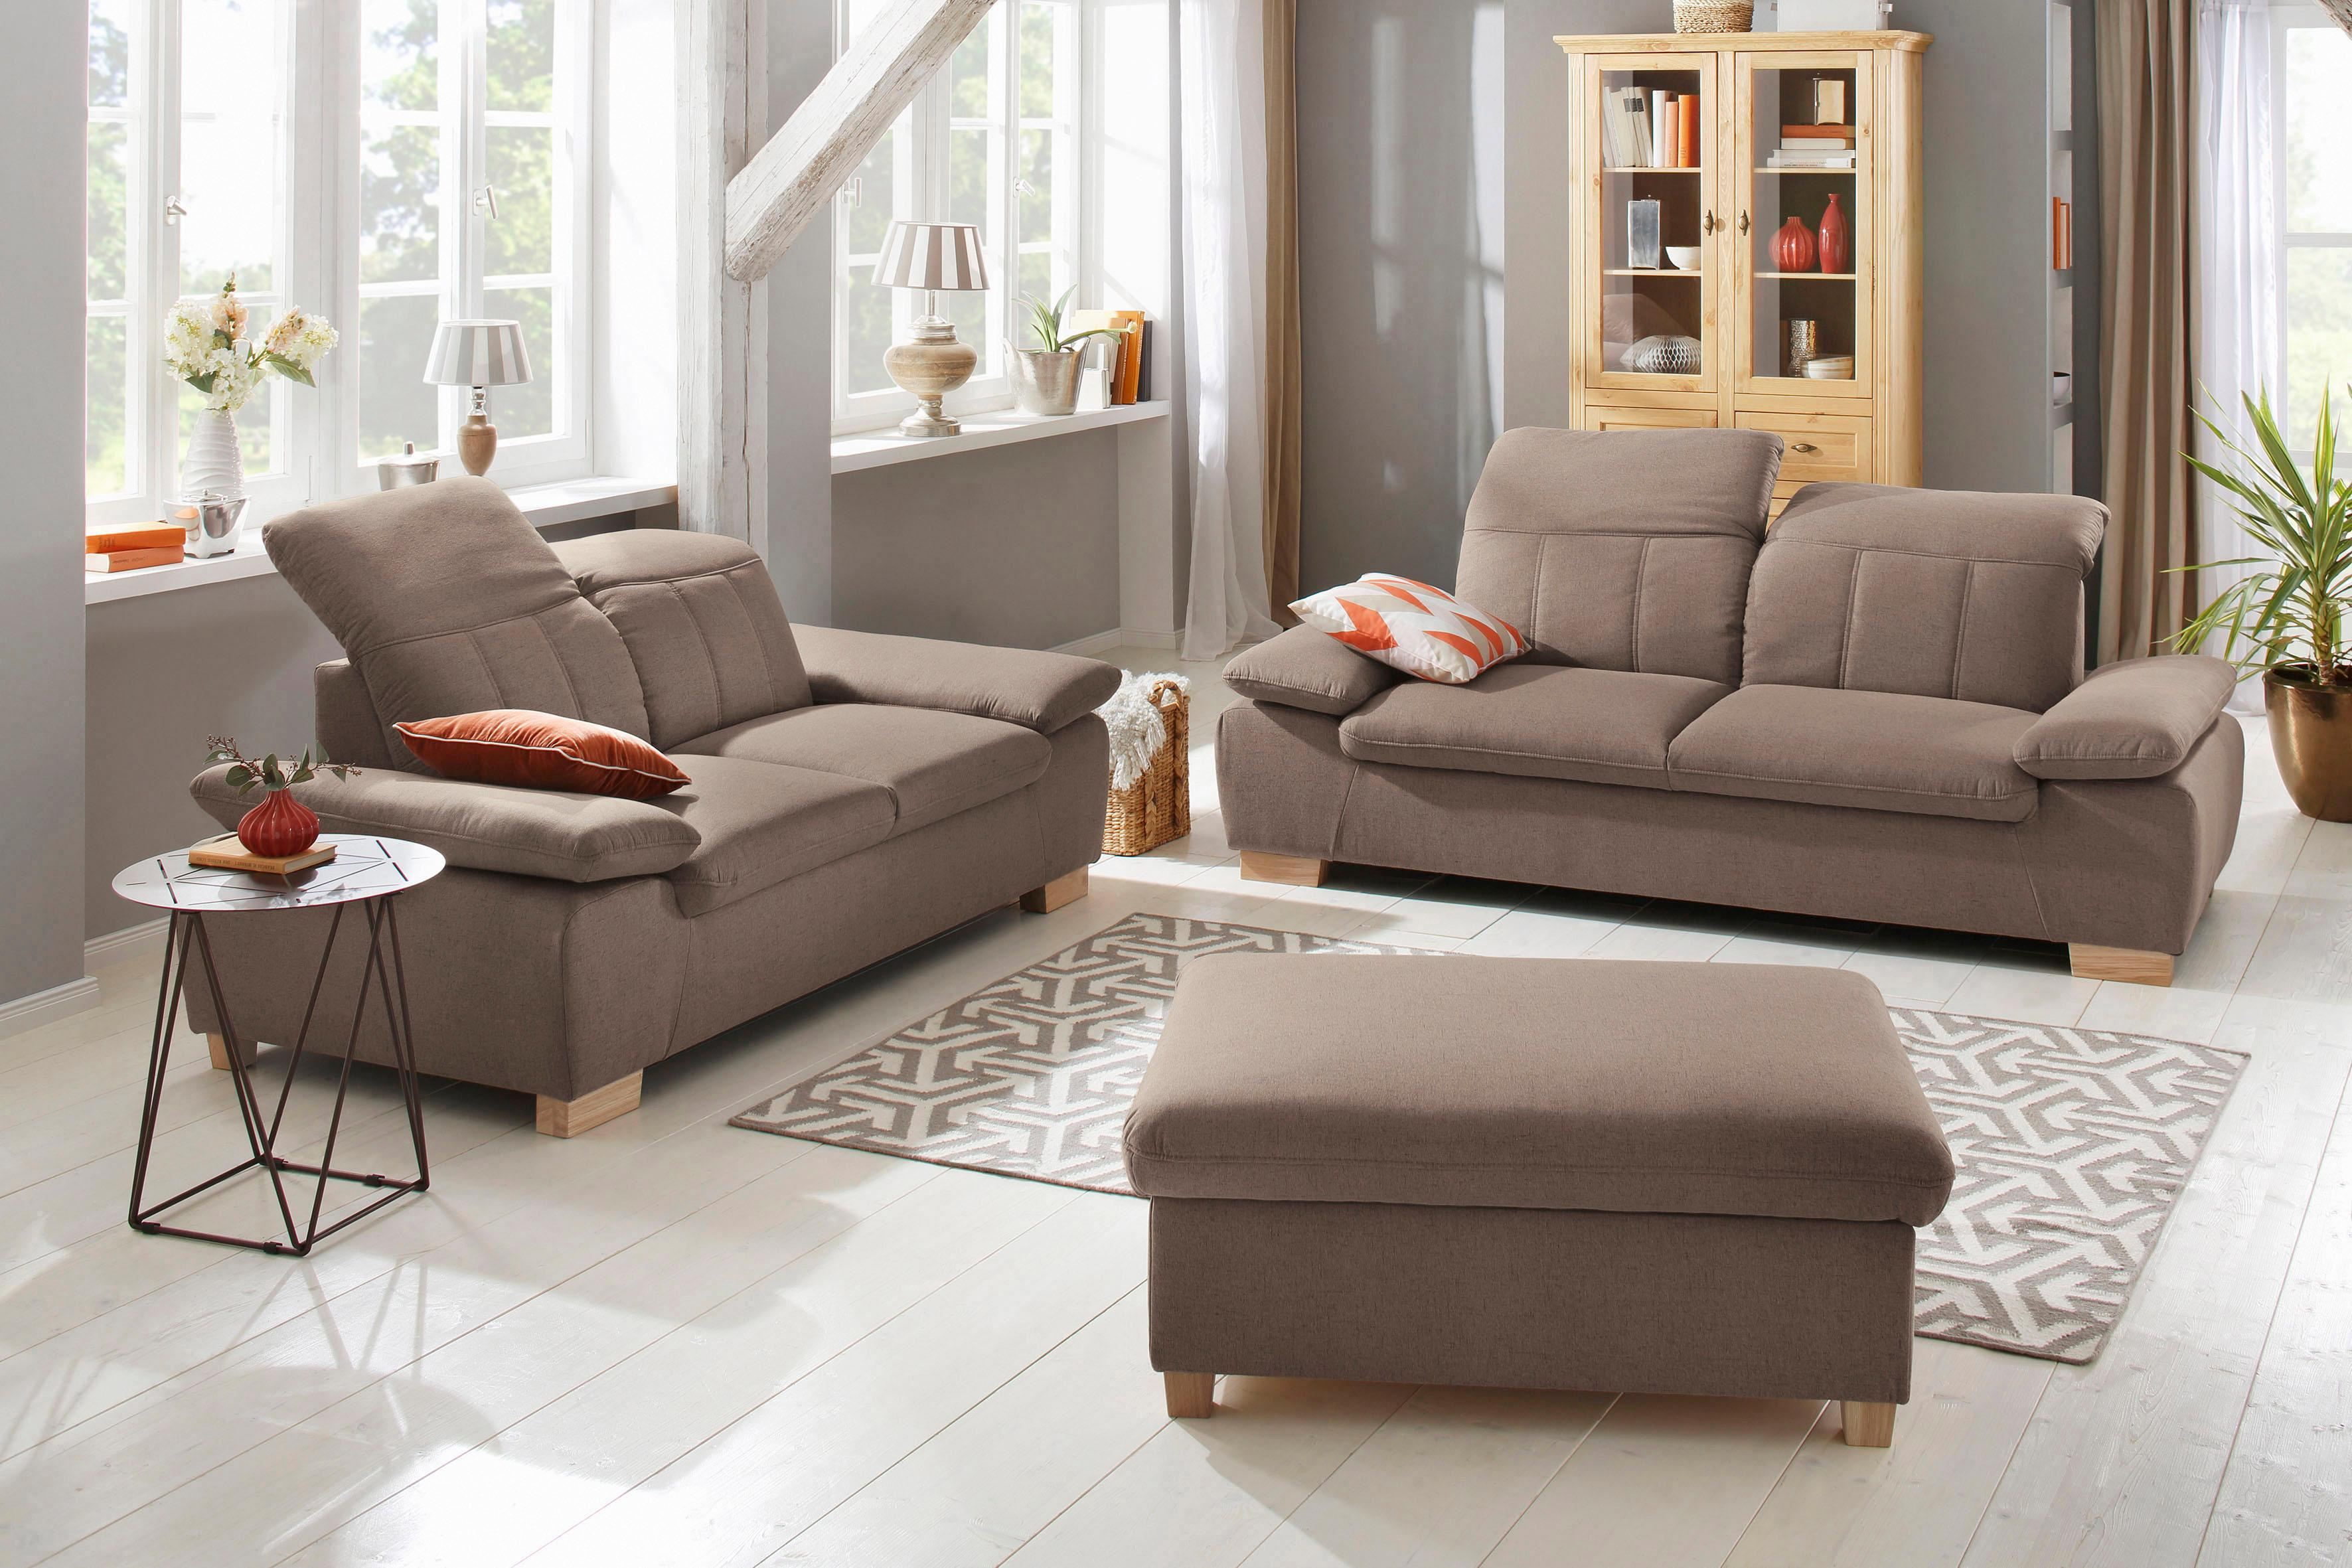 Home affaire Polstergarnitur Bergamo | Wohnzimmer > Sofas & Couches > Garnituren | home affaire